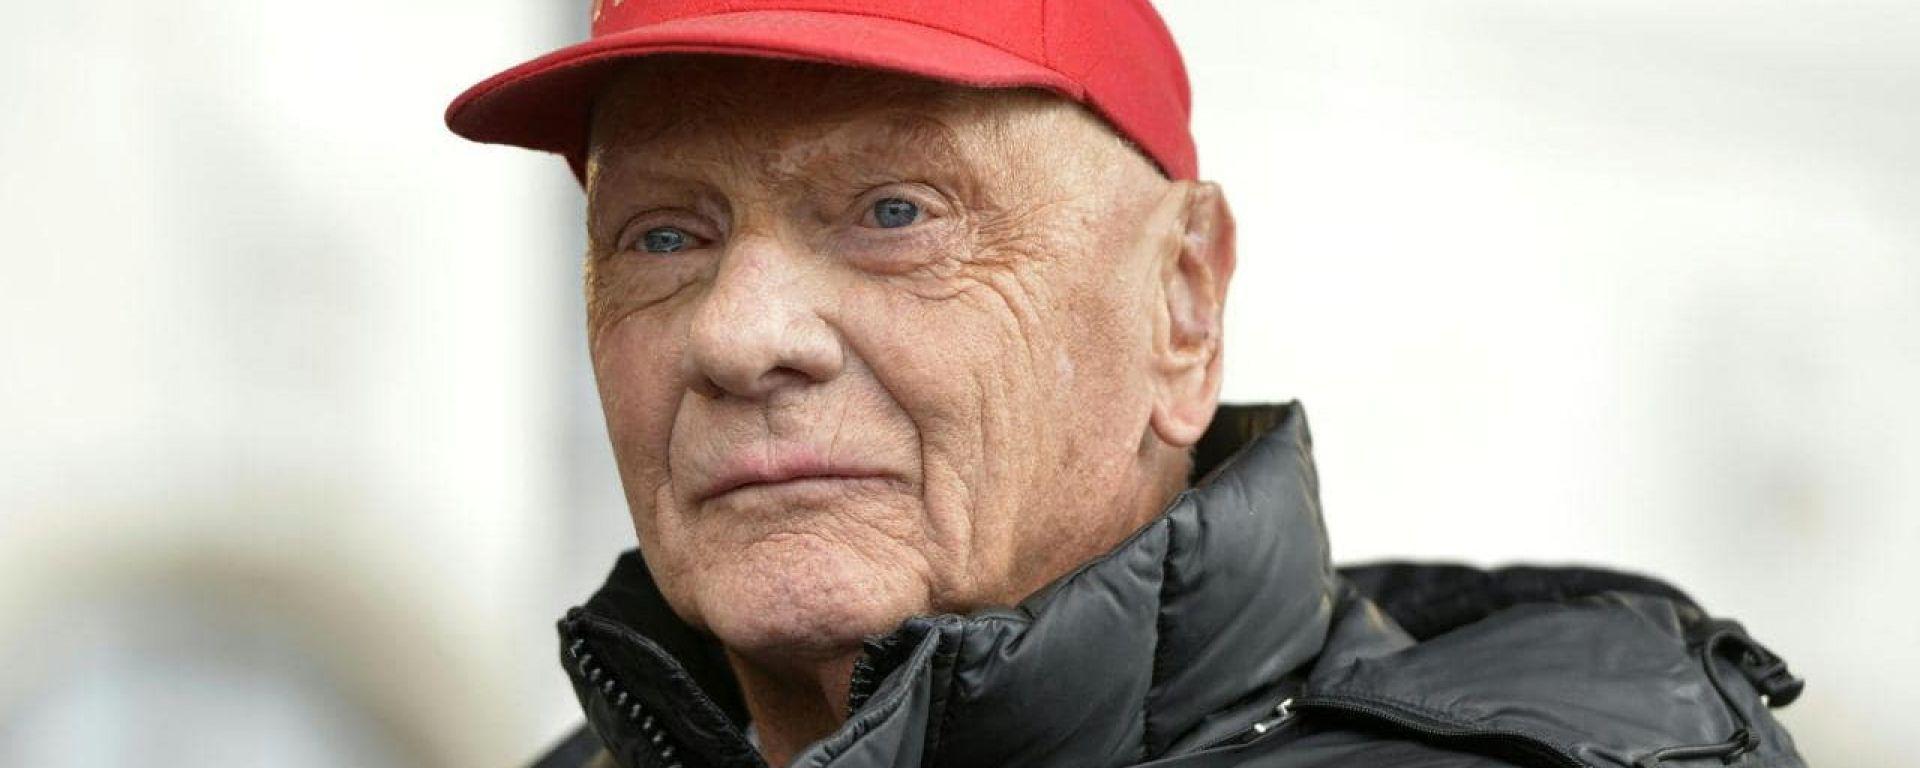 Addio Niki Lauda, il campione austriaco se ne va a 70 anni